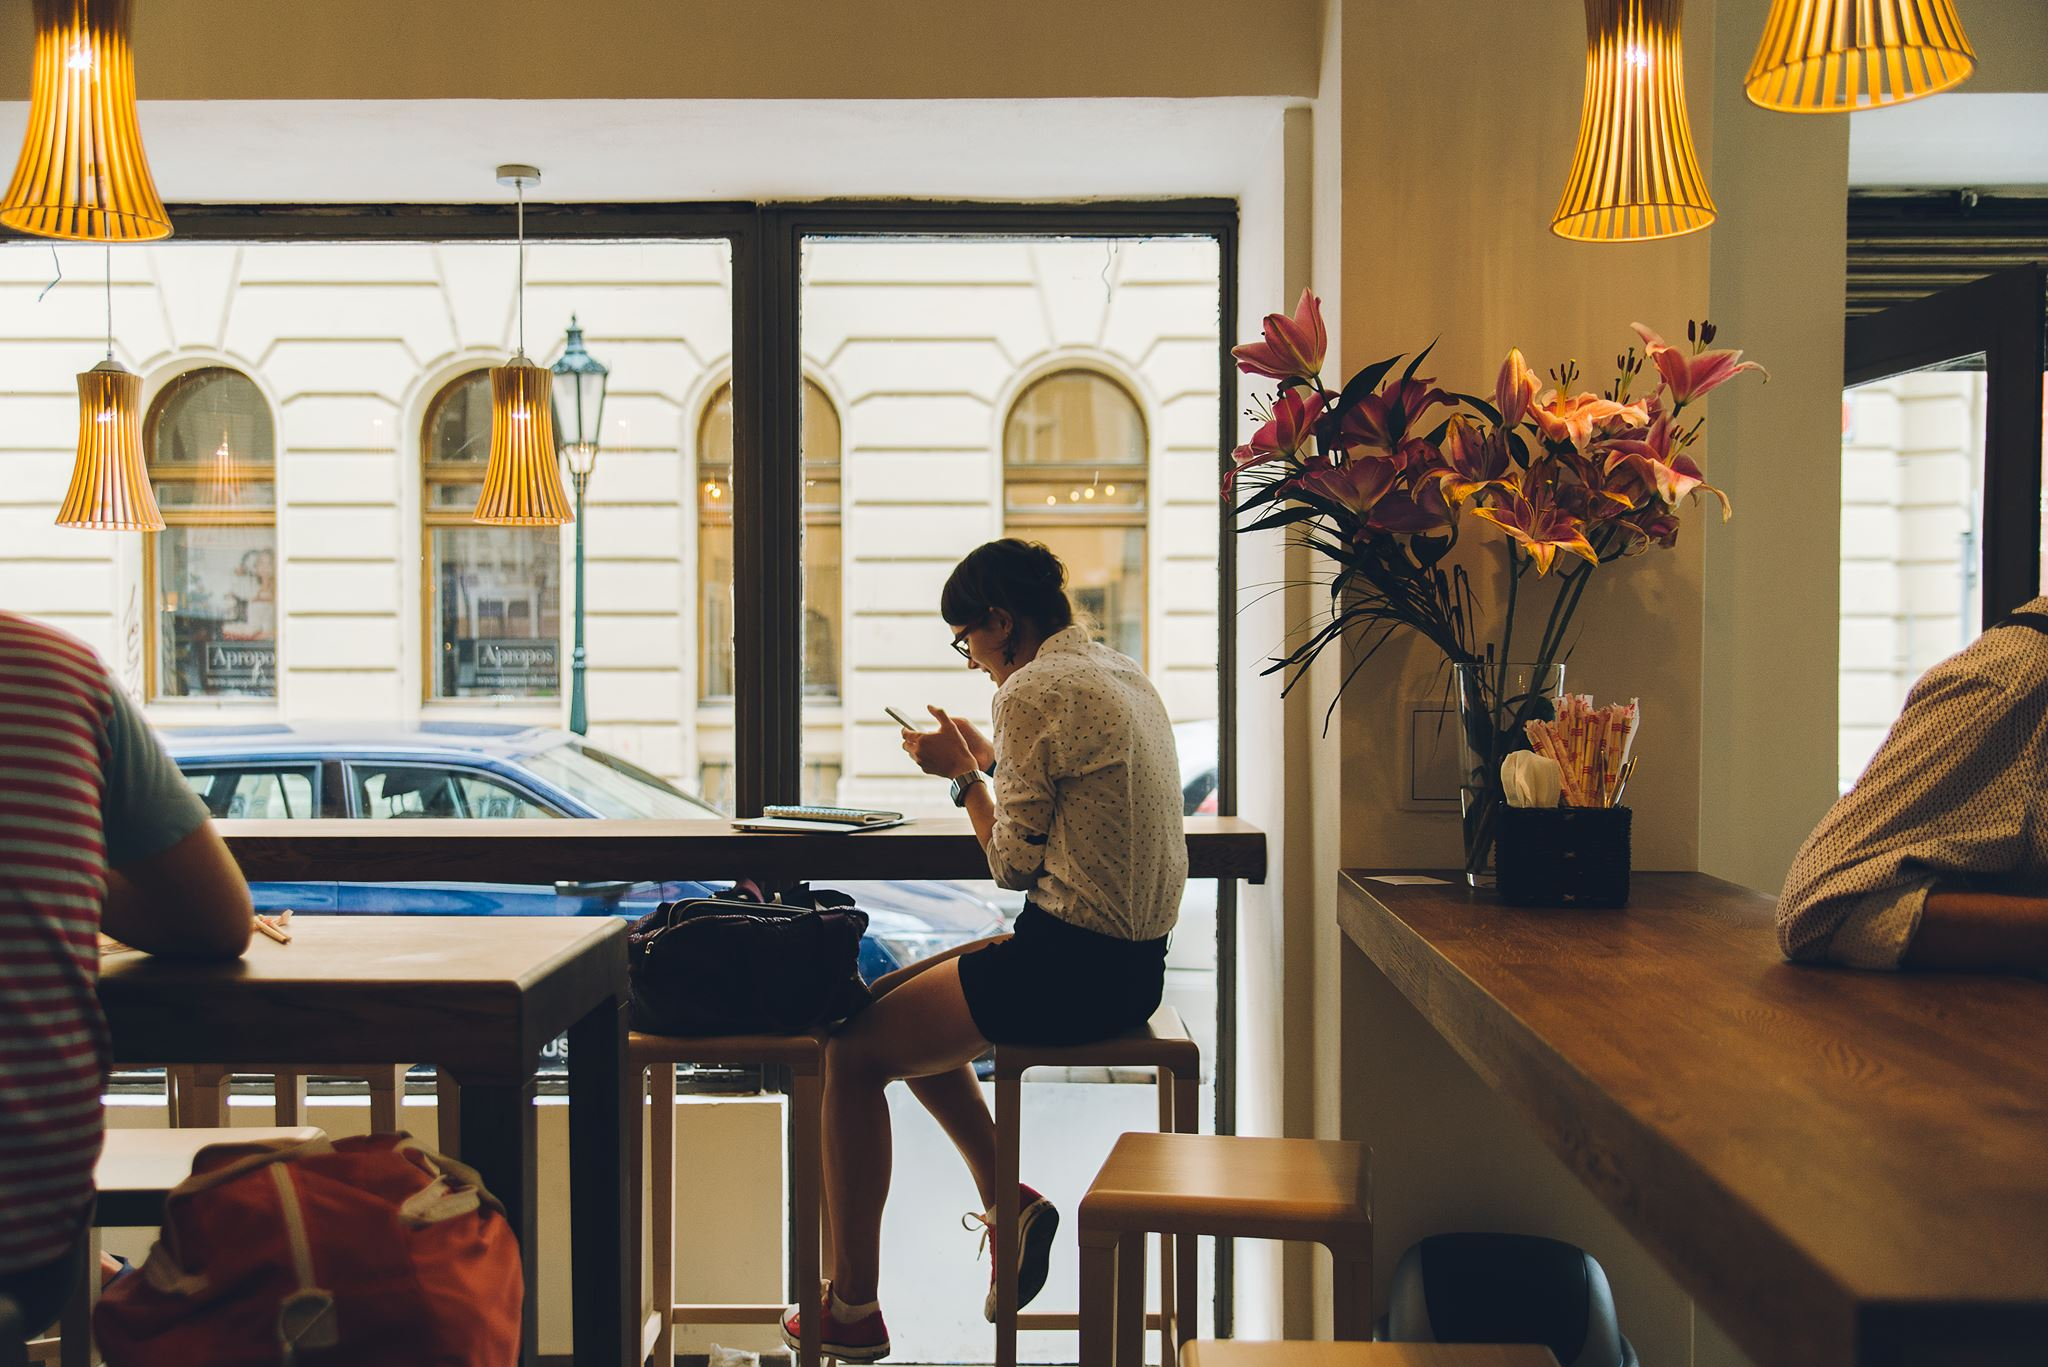 Další místo na mém seznamu Kam v Praze chodit psát. Skvělý ledový čaj a kafe! Foto ukradeno z Facebooku banh-mi-ba